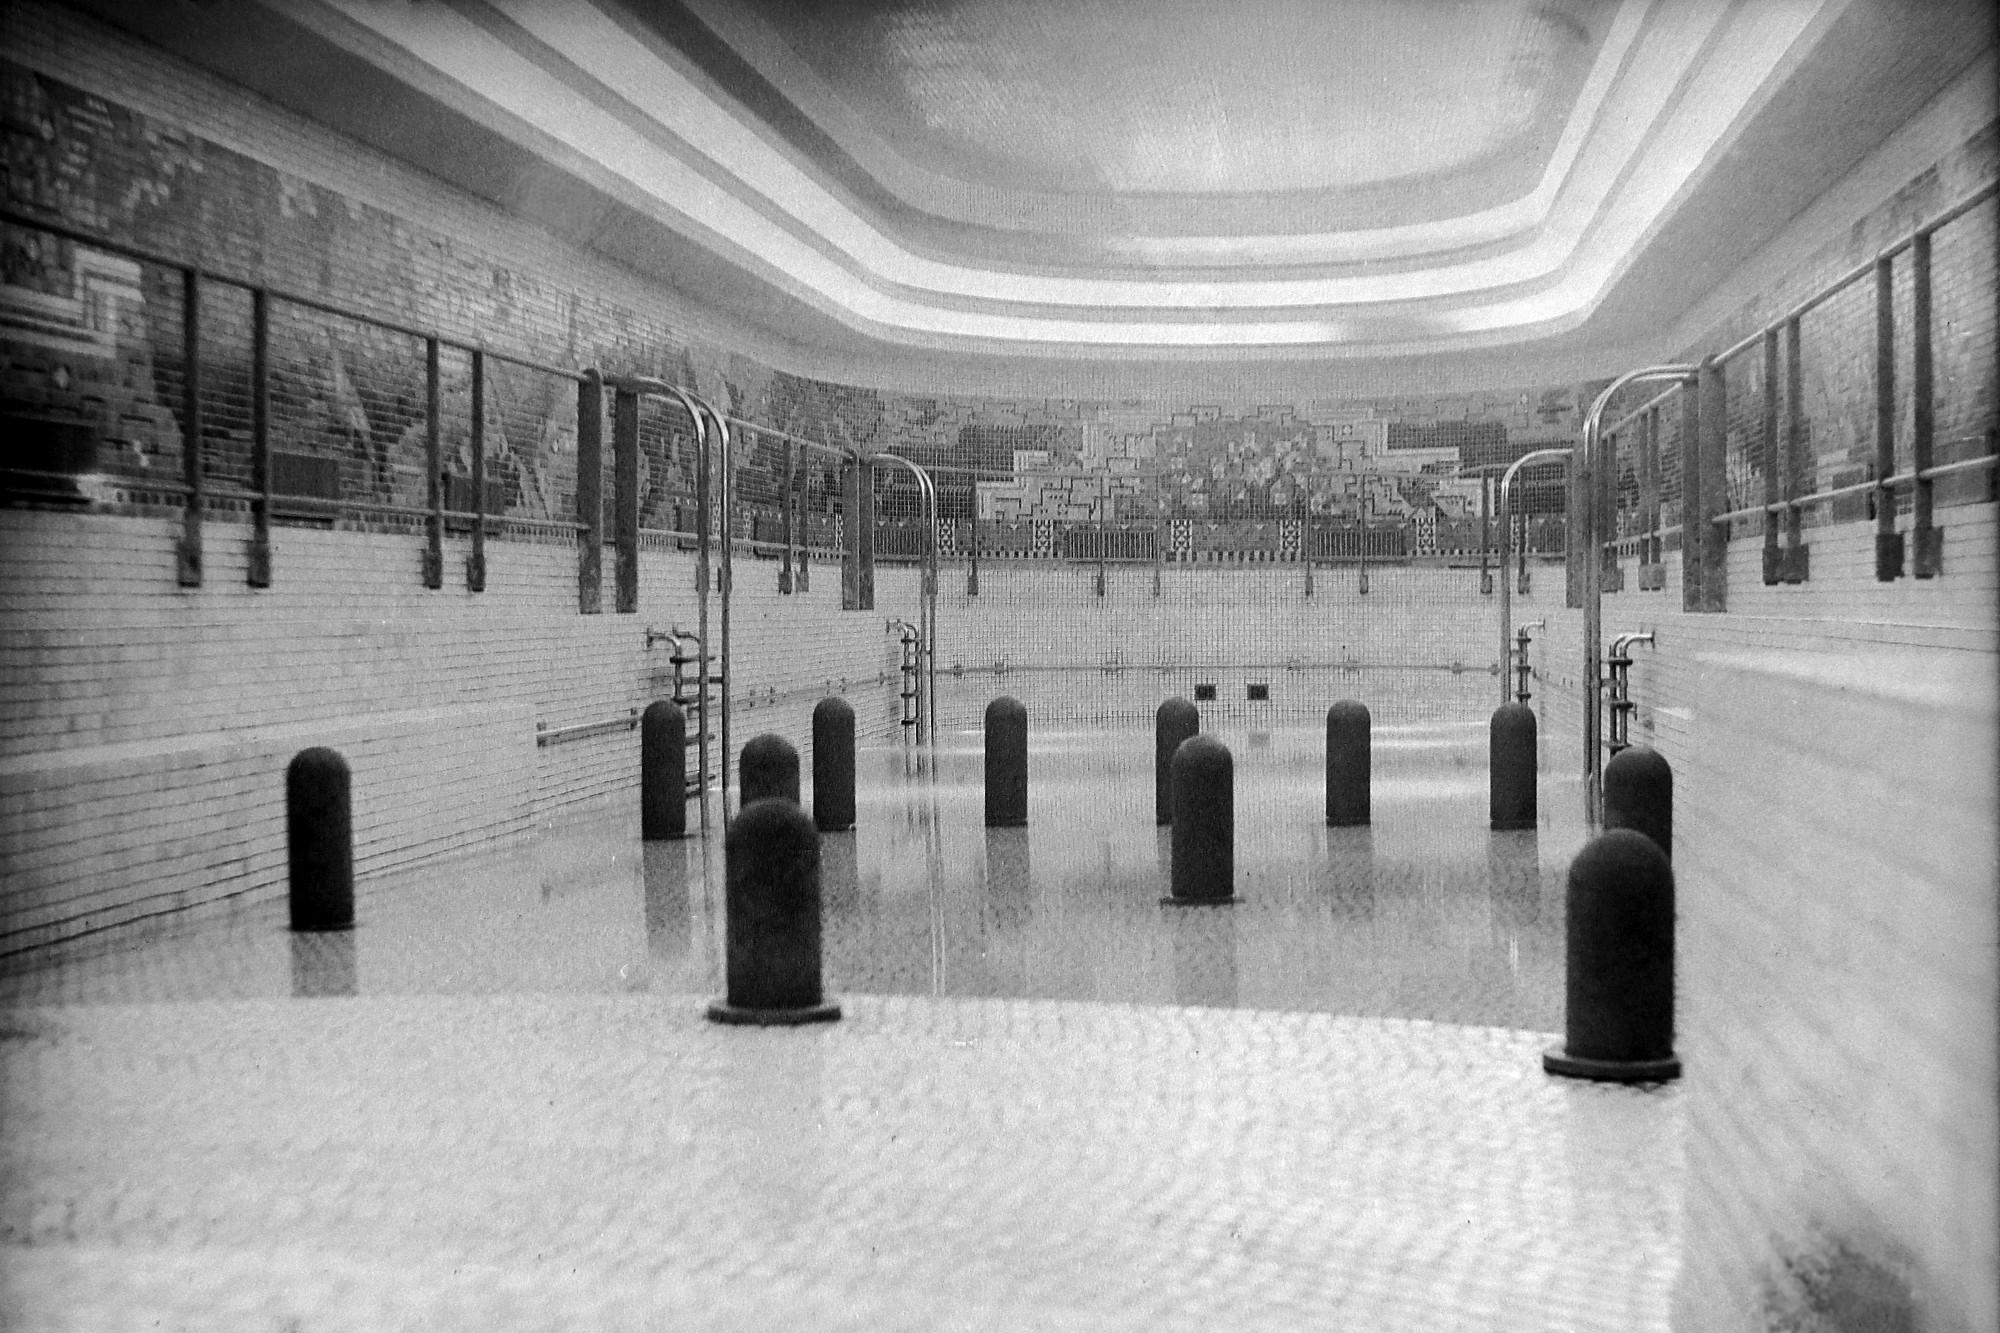 Pasażerowie pierwszej klasy zwodowanego w 1935 roku transatlantyku Normandie mieli do dyspozycji m.in. basen (ot. Jean Ribéry / Wikimedia.com / CC A-SA 3.0)